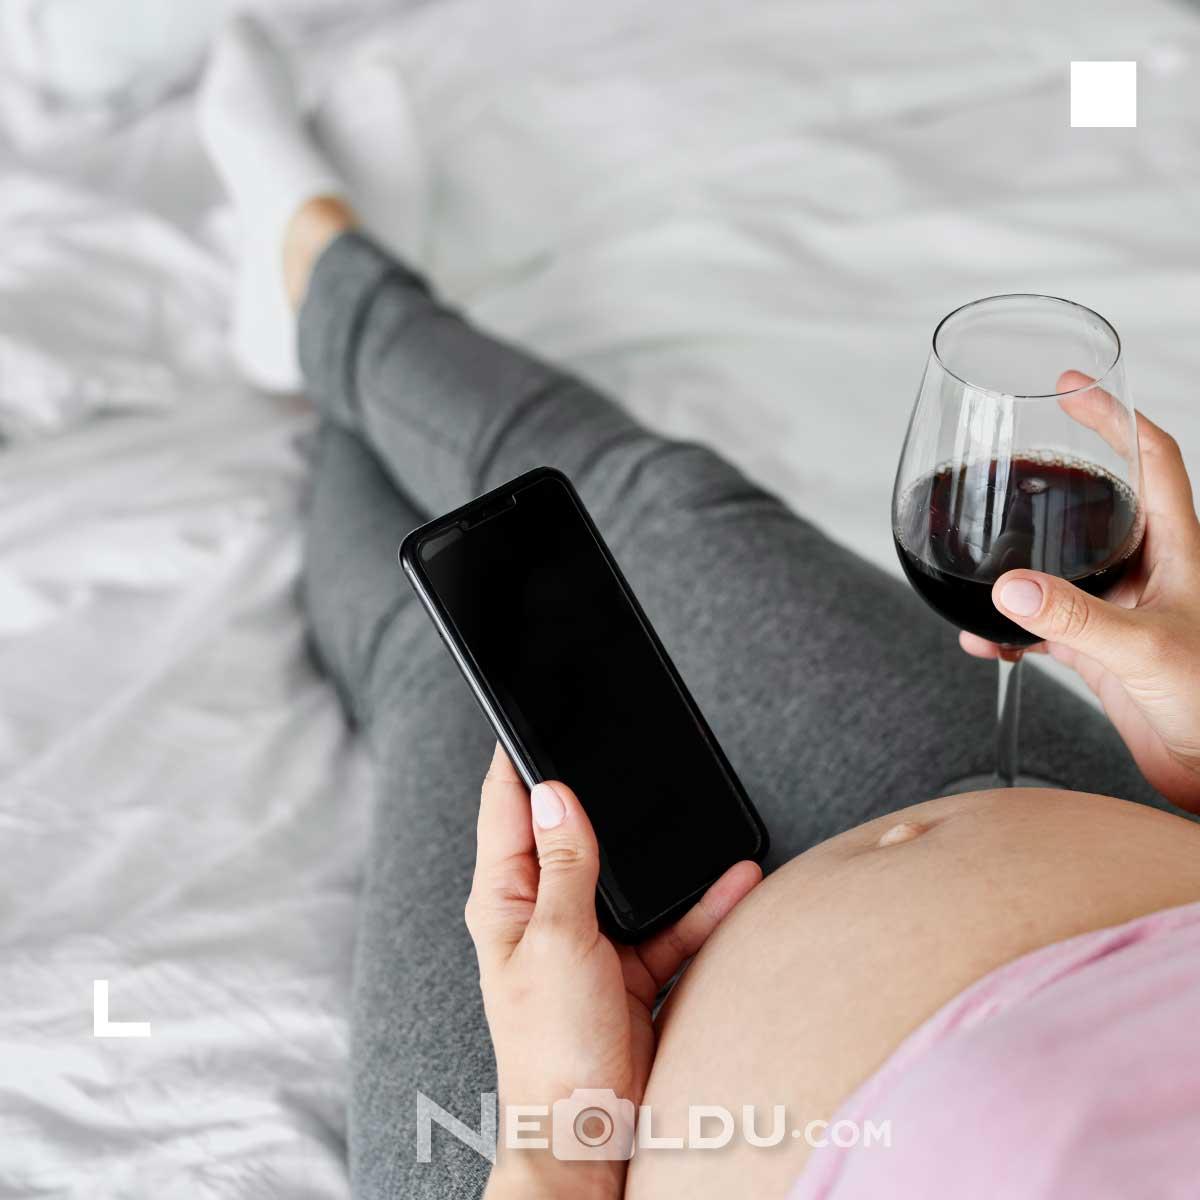 hamile-kalma-yollari-003.jpg